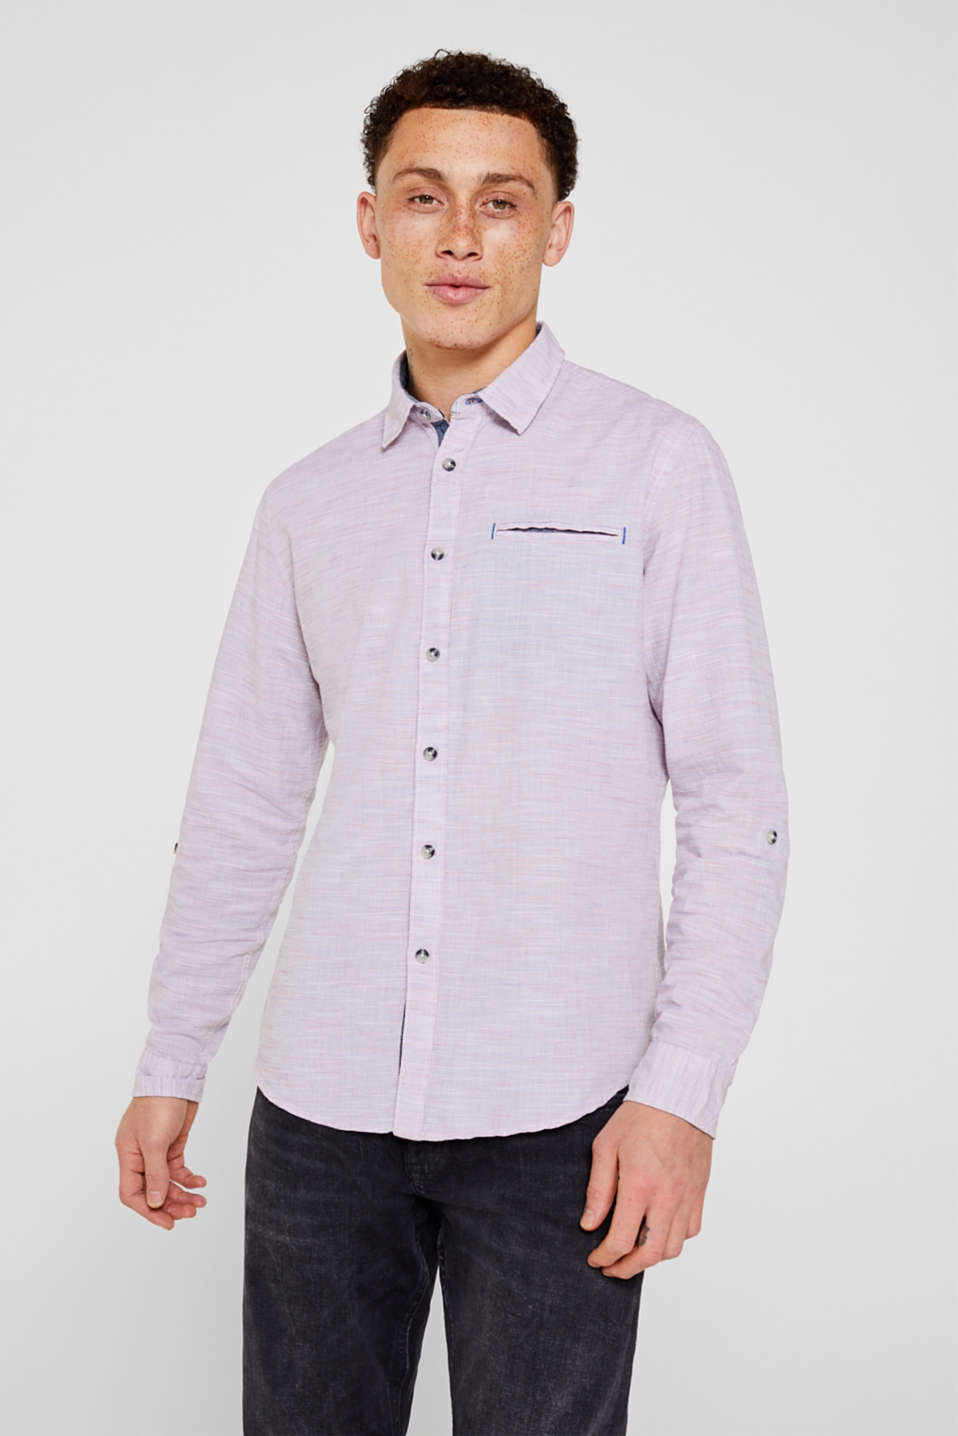 ESPRIT CASUAL Fein gestreiftes Hemd, 100% Baumwolle online